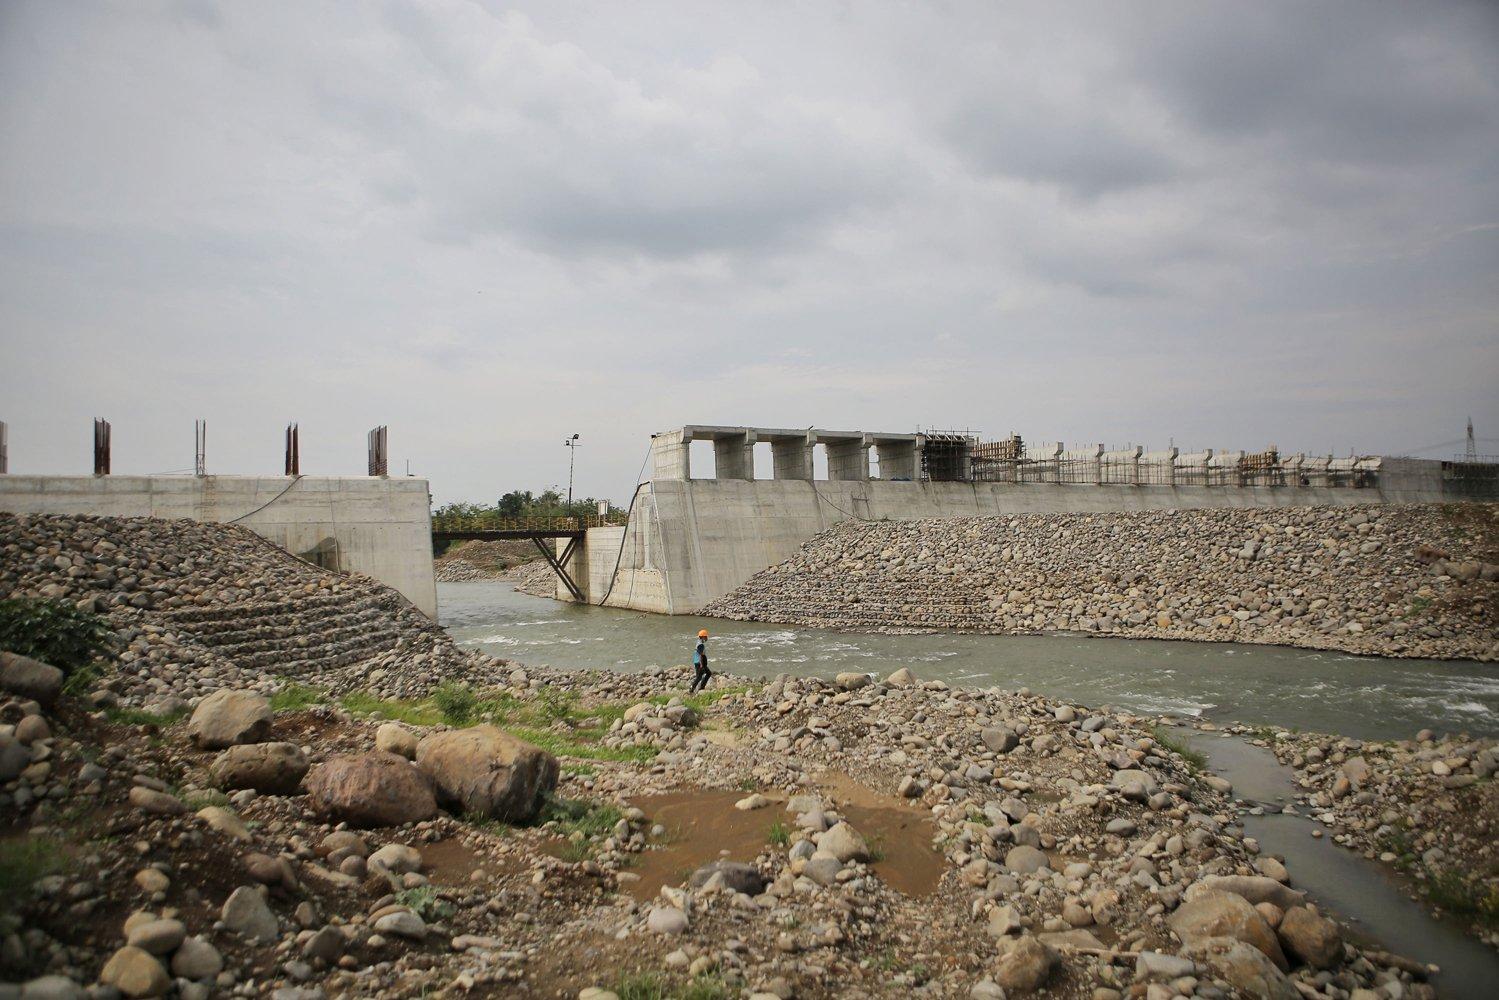 Terletak di Kecamatan Jatigede, Kabupaten Sumedang, Jawa Barat, progres pembangunan Pembangkit Listrik Tenaga Air (PLTA) Jatigede 2 x 55 megawatt (MW) yang saat ini sudah mencapai 73,18 %.